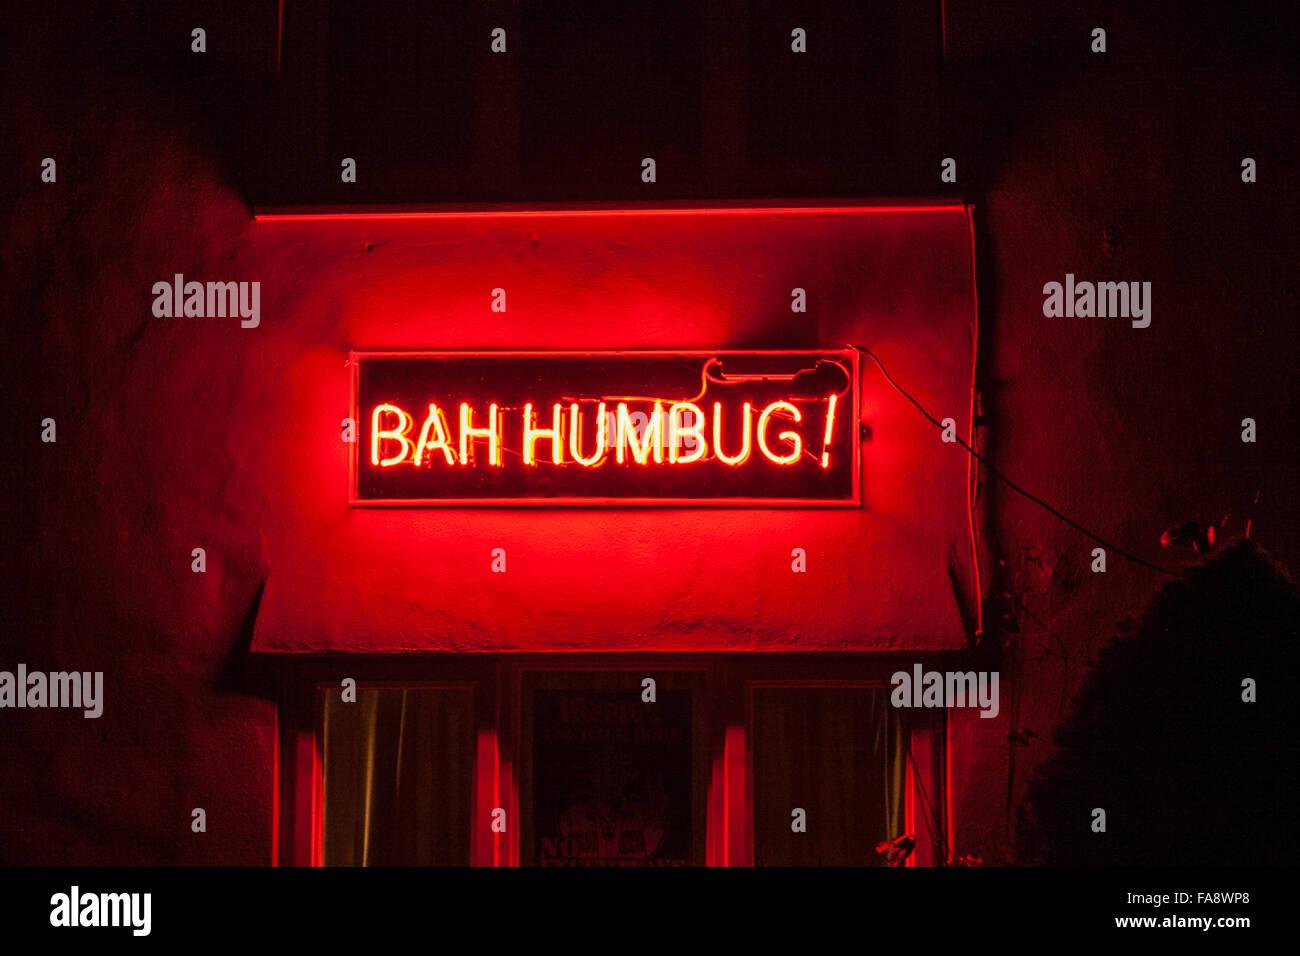 Weihnachtsgeist Stockfotos & Weihnachtsgeist Bilder - Alamy